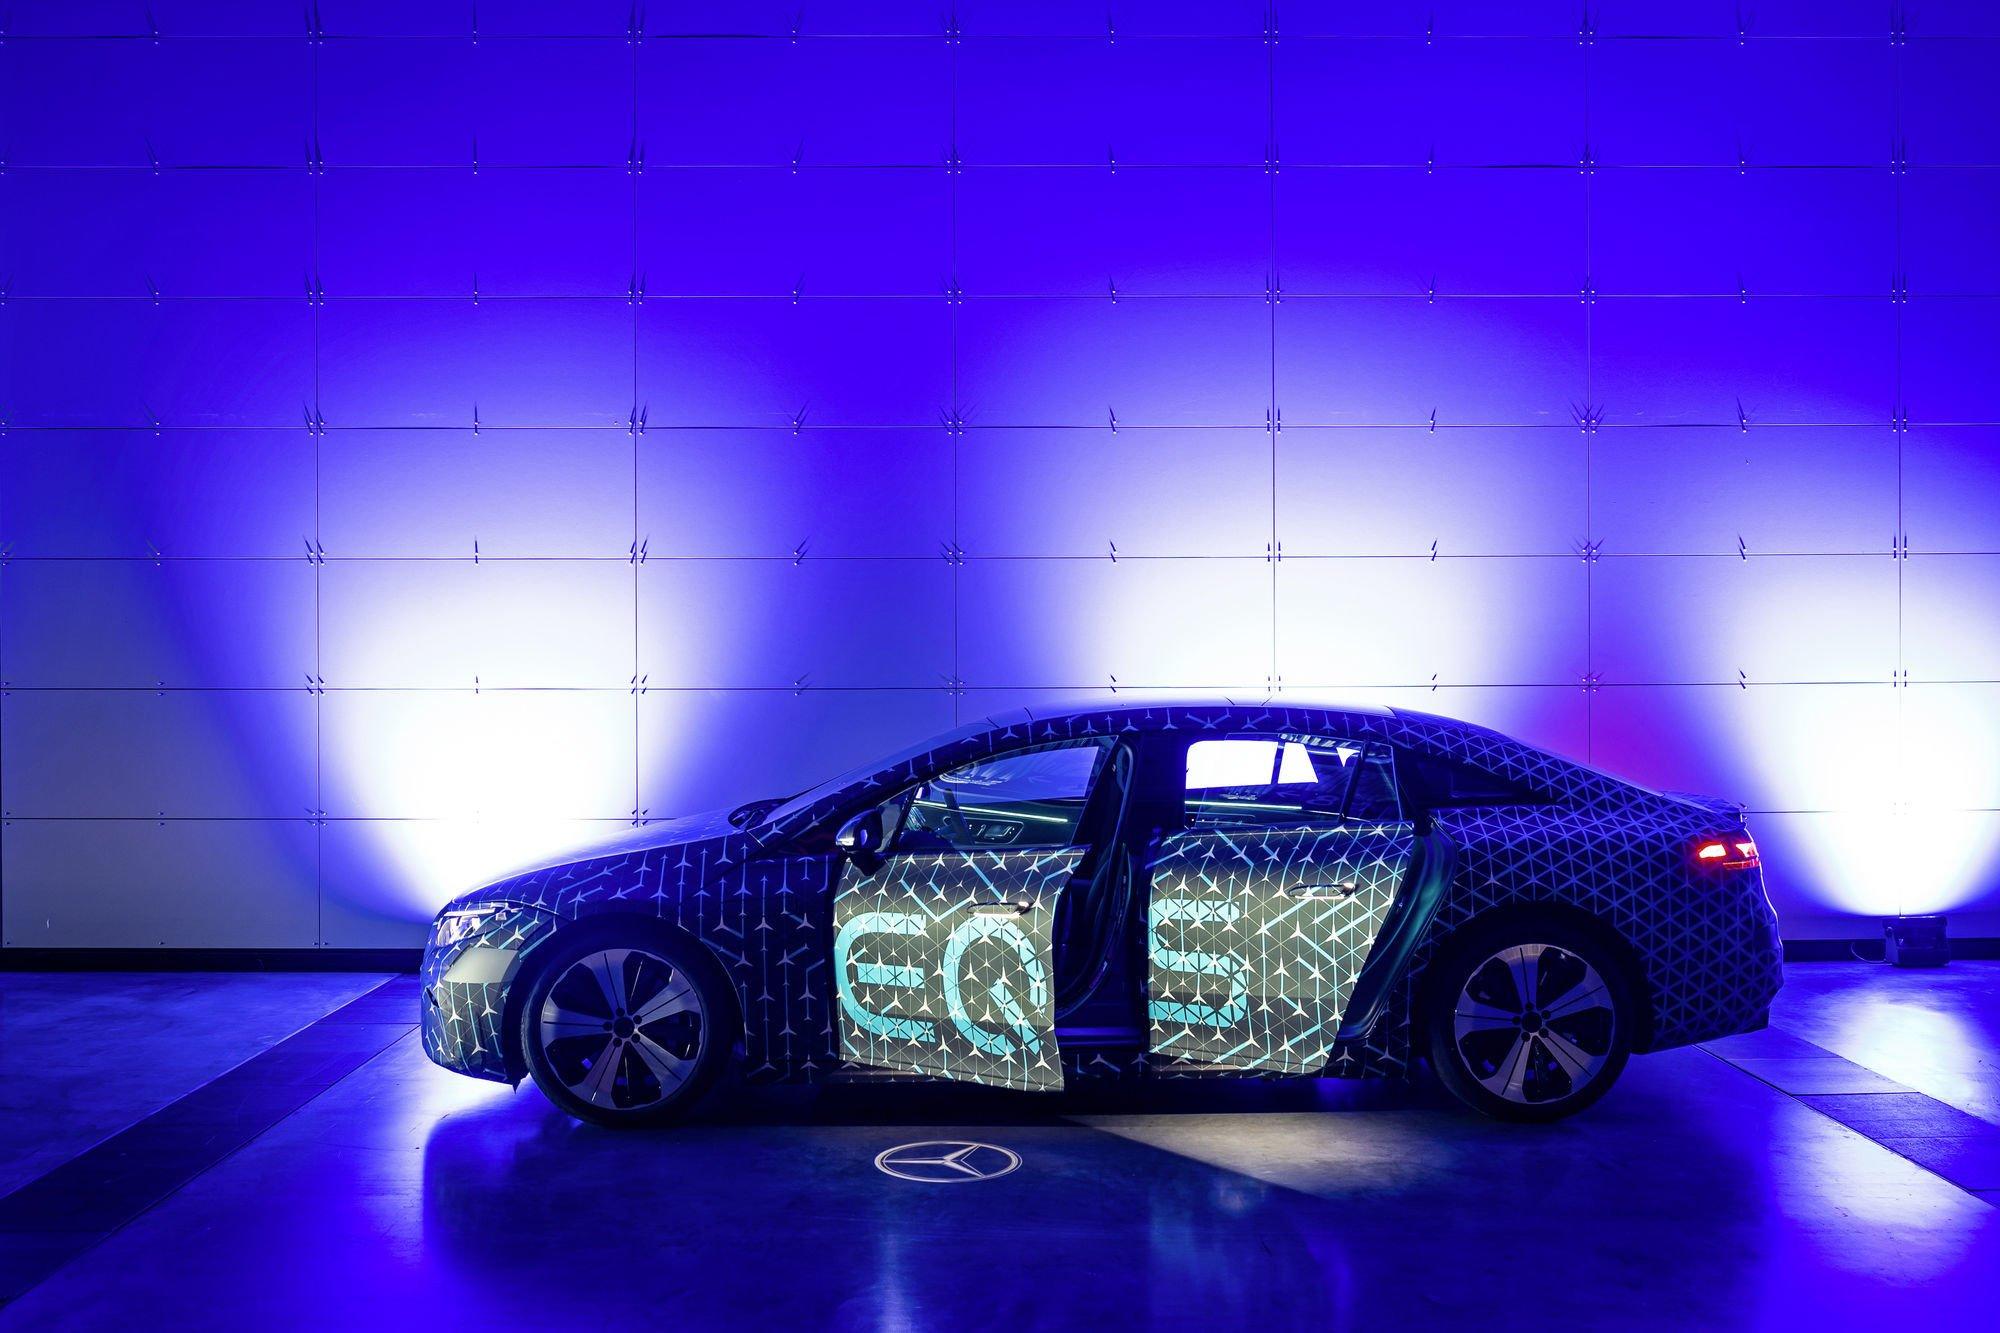 Mercedes-EQ стартував виробництво акумуляторних систем для нових EQS та примножує досвід зі створення електрокарів